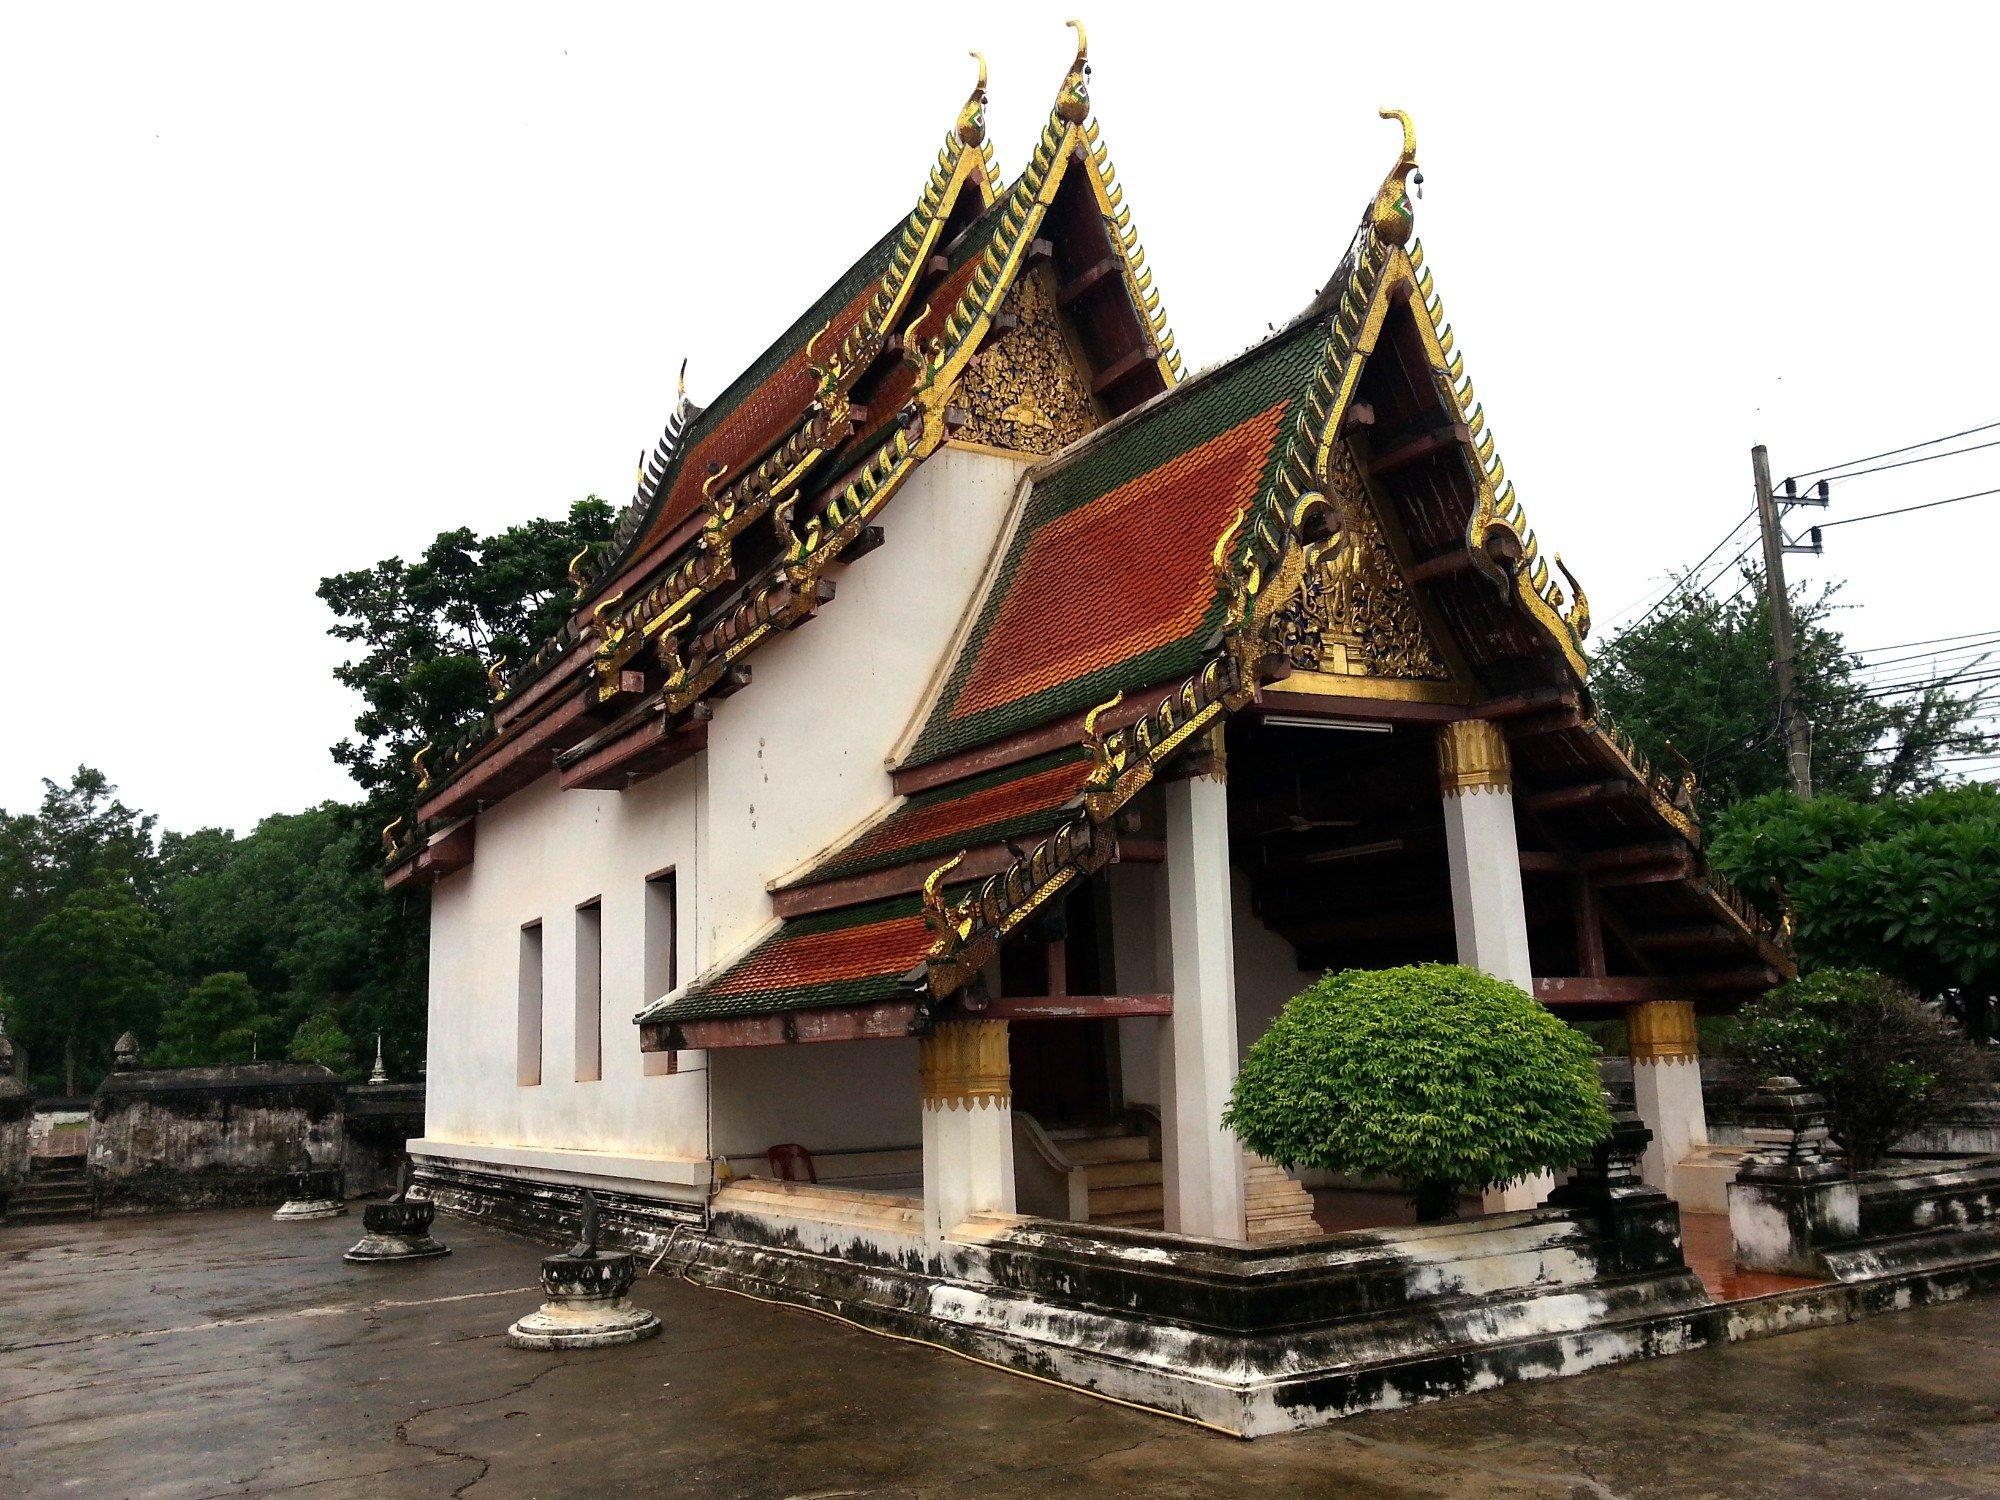 Ordination hall at Wat Phra Brommathat Thung Yang